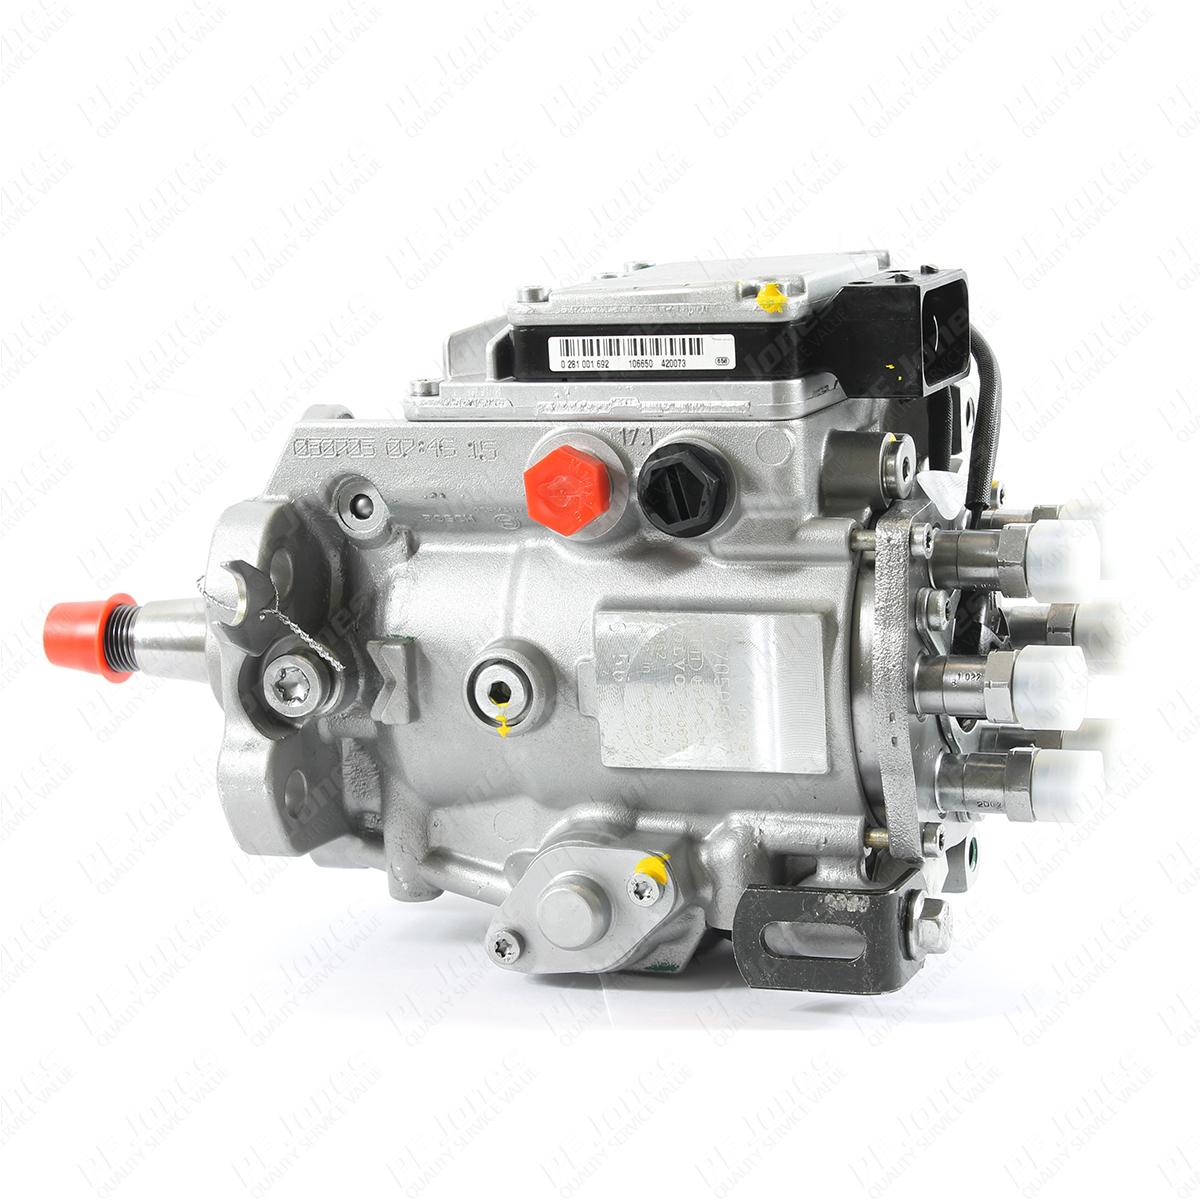 0470506017 - Bosch Diesel Pump